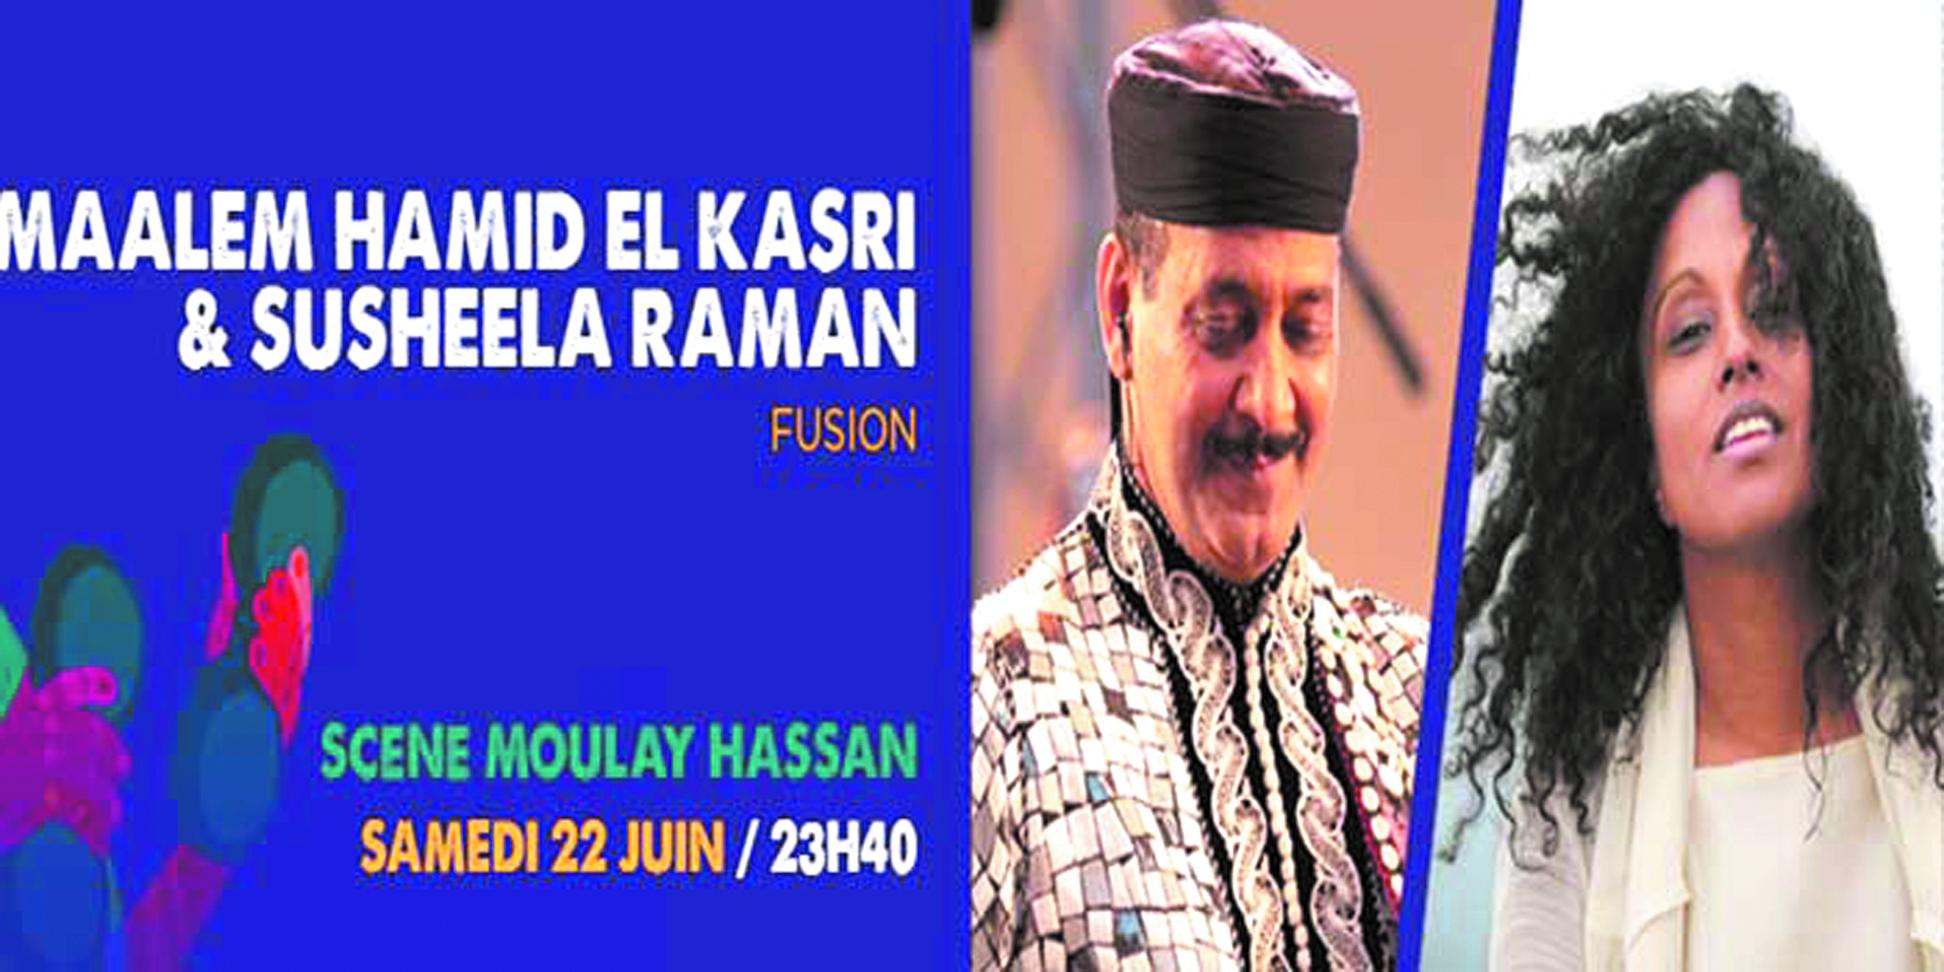 Hamid El Kasri  et Susheela Raman  enflamment la scène Moulay Hassan